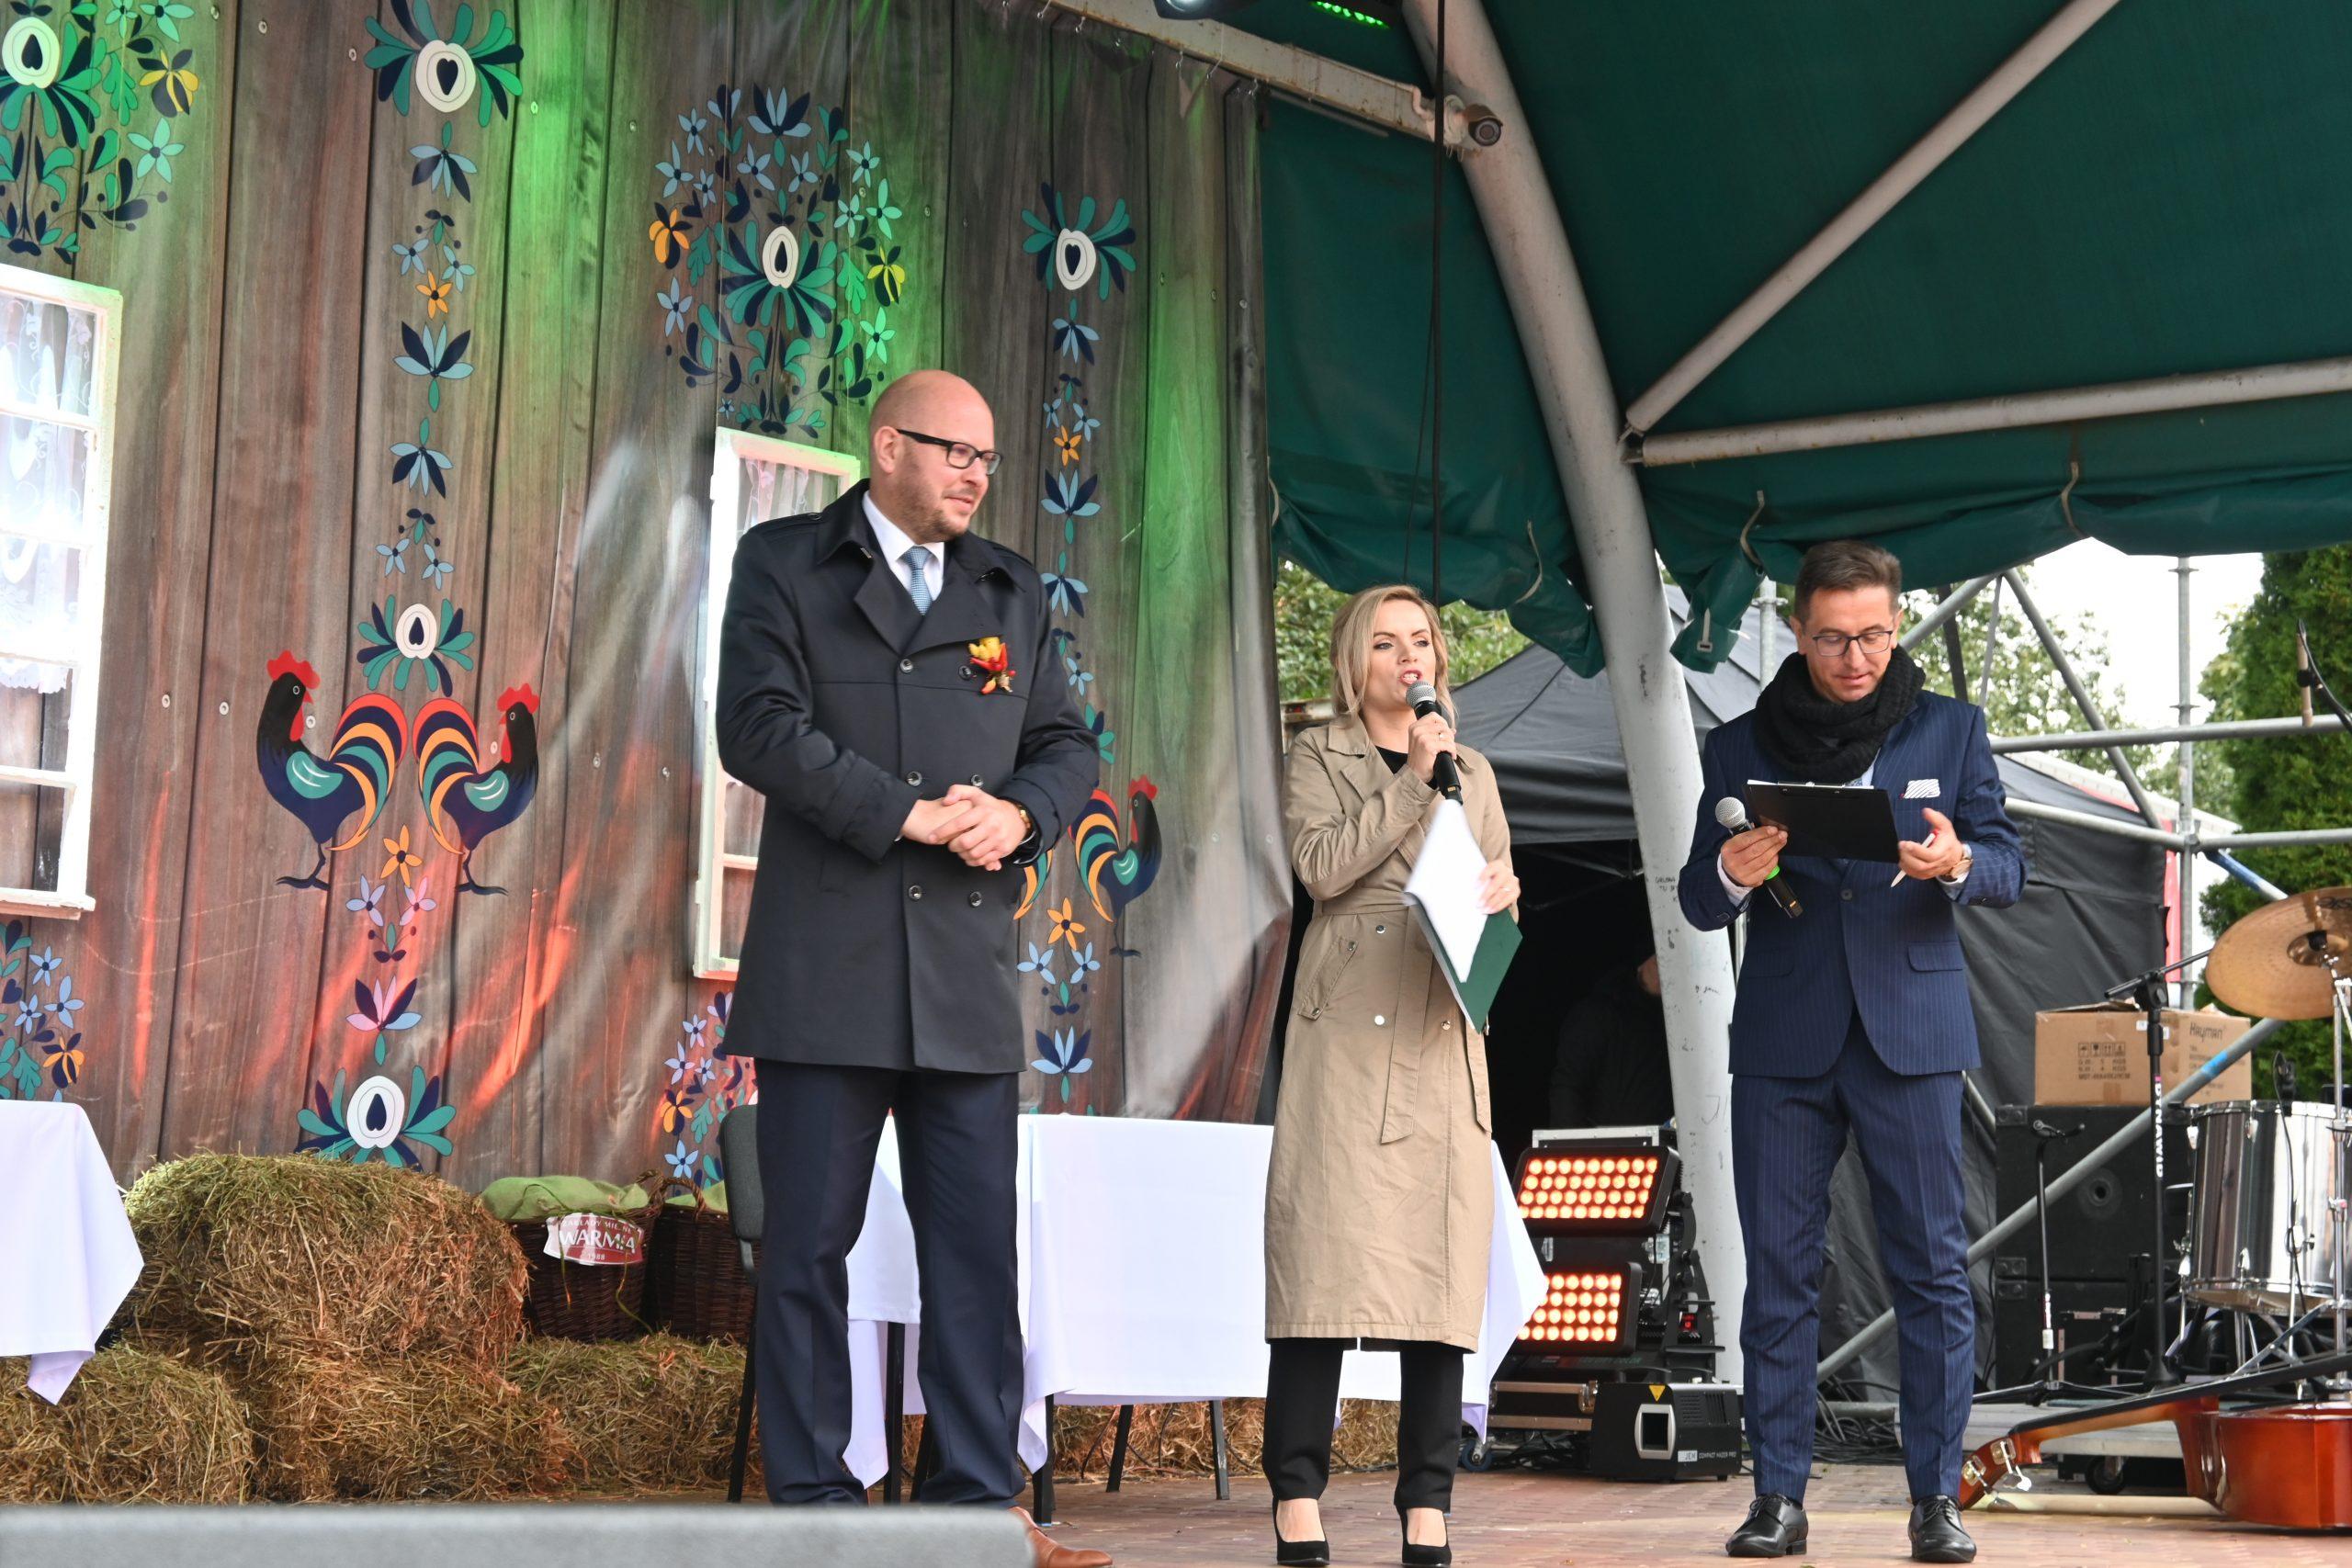 Burmistrz Biskupca na scenie